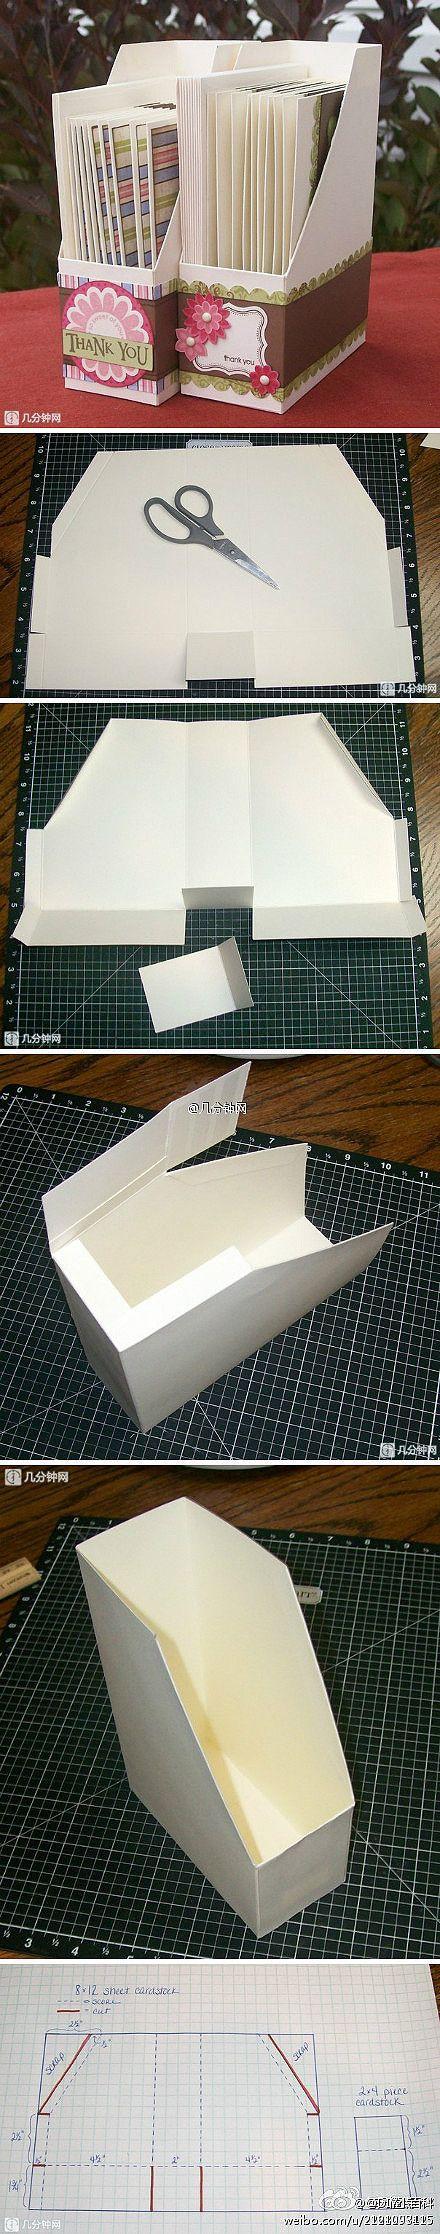 纸艺 手工 杂志卡片收纳盒